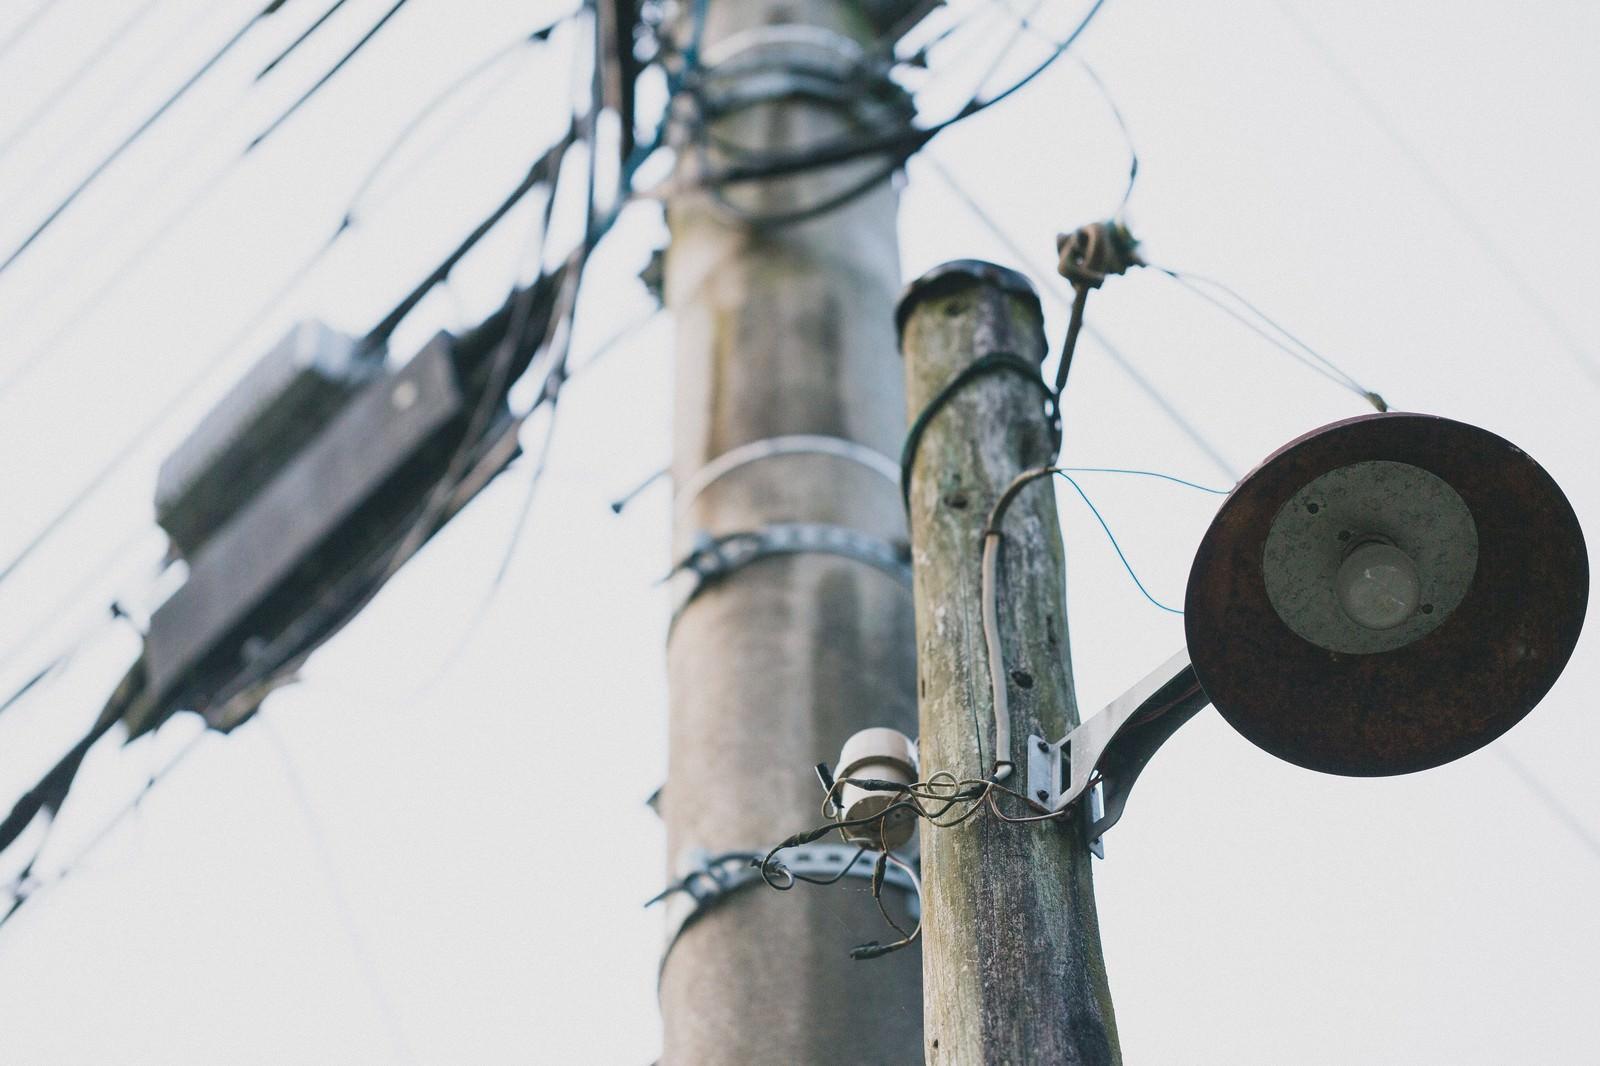 「古びた街灯」の写真